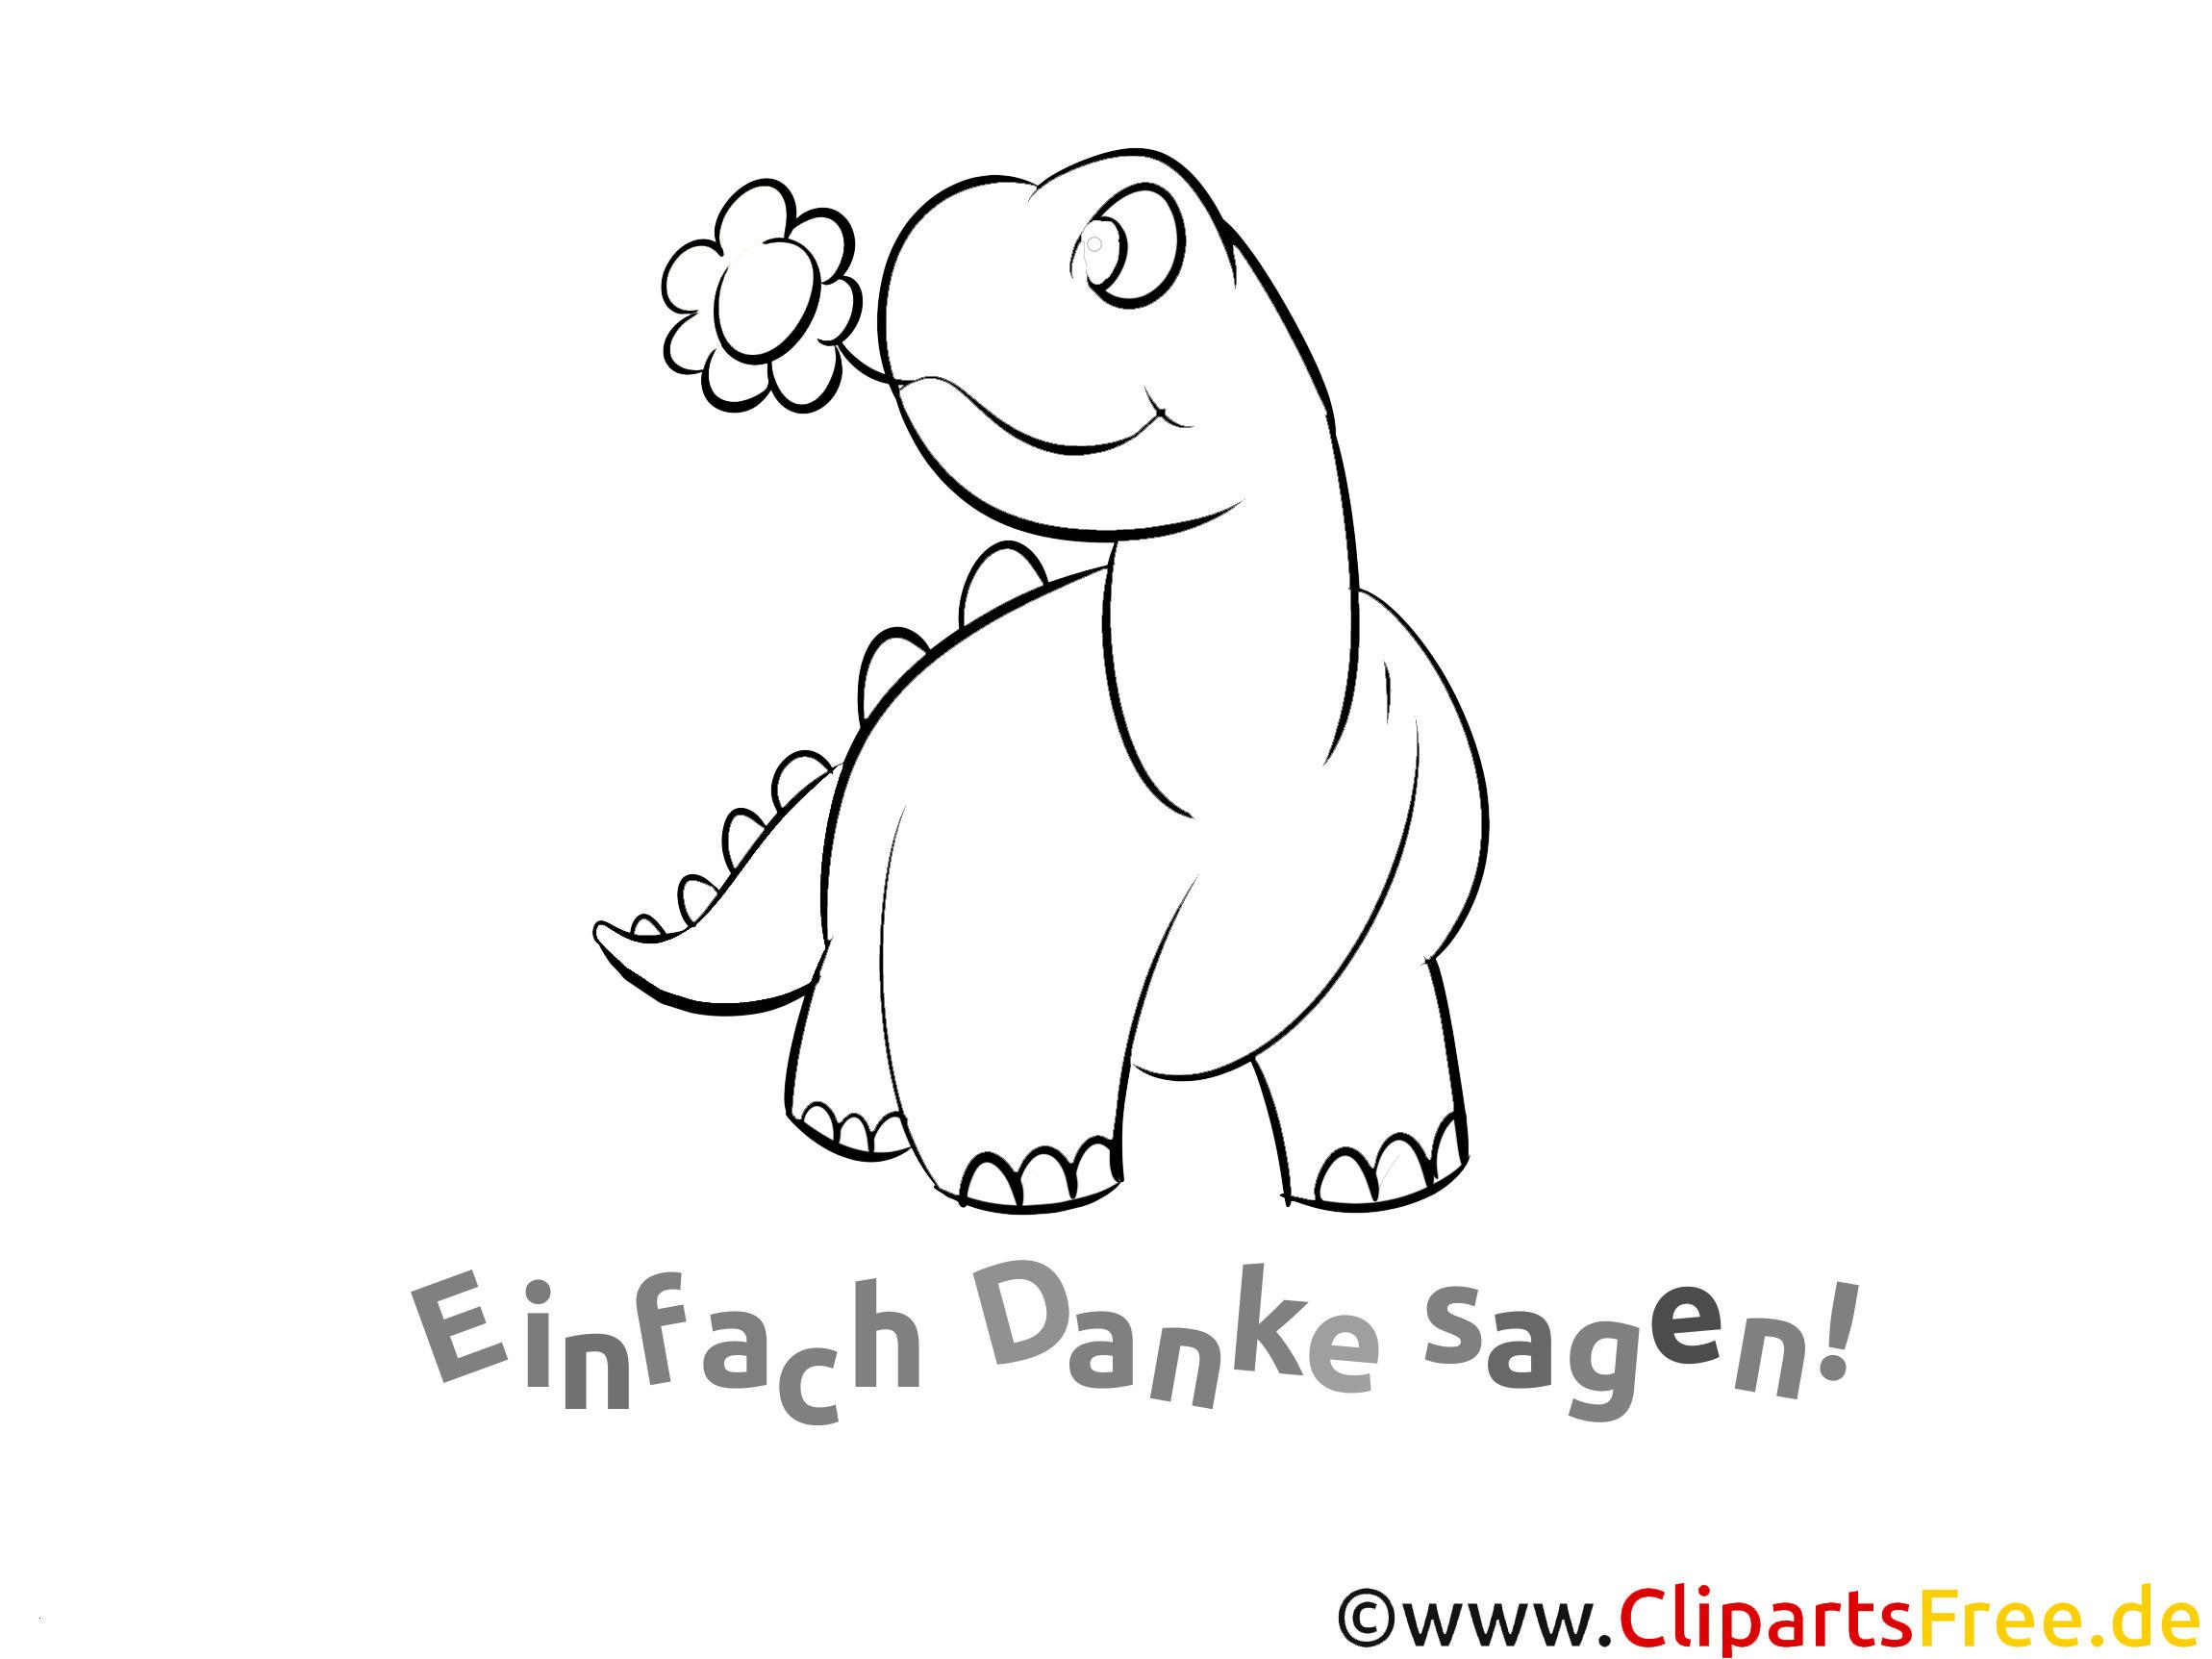 Trecker Zum Ausmalen Genial Wrestling Ausmalbilder Frisch Dinosaurier Ausmalbilder Dankworte Zum Bild